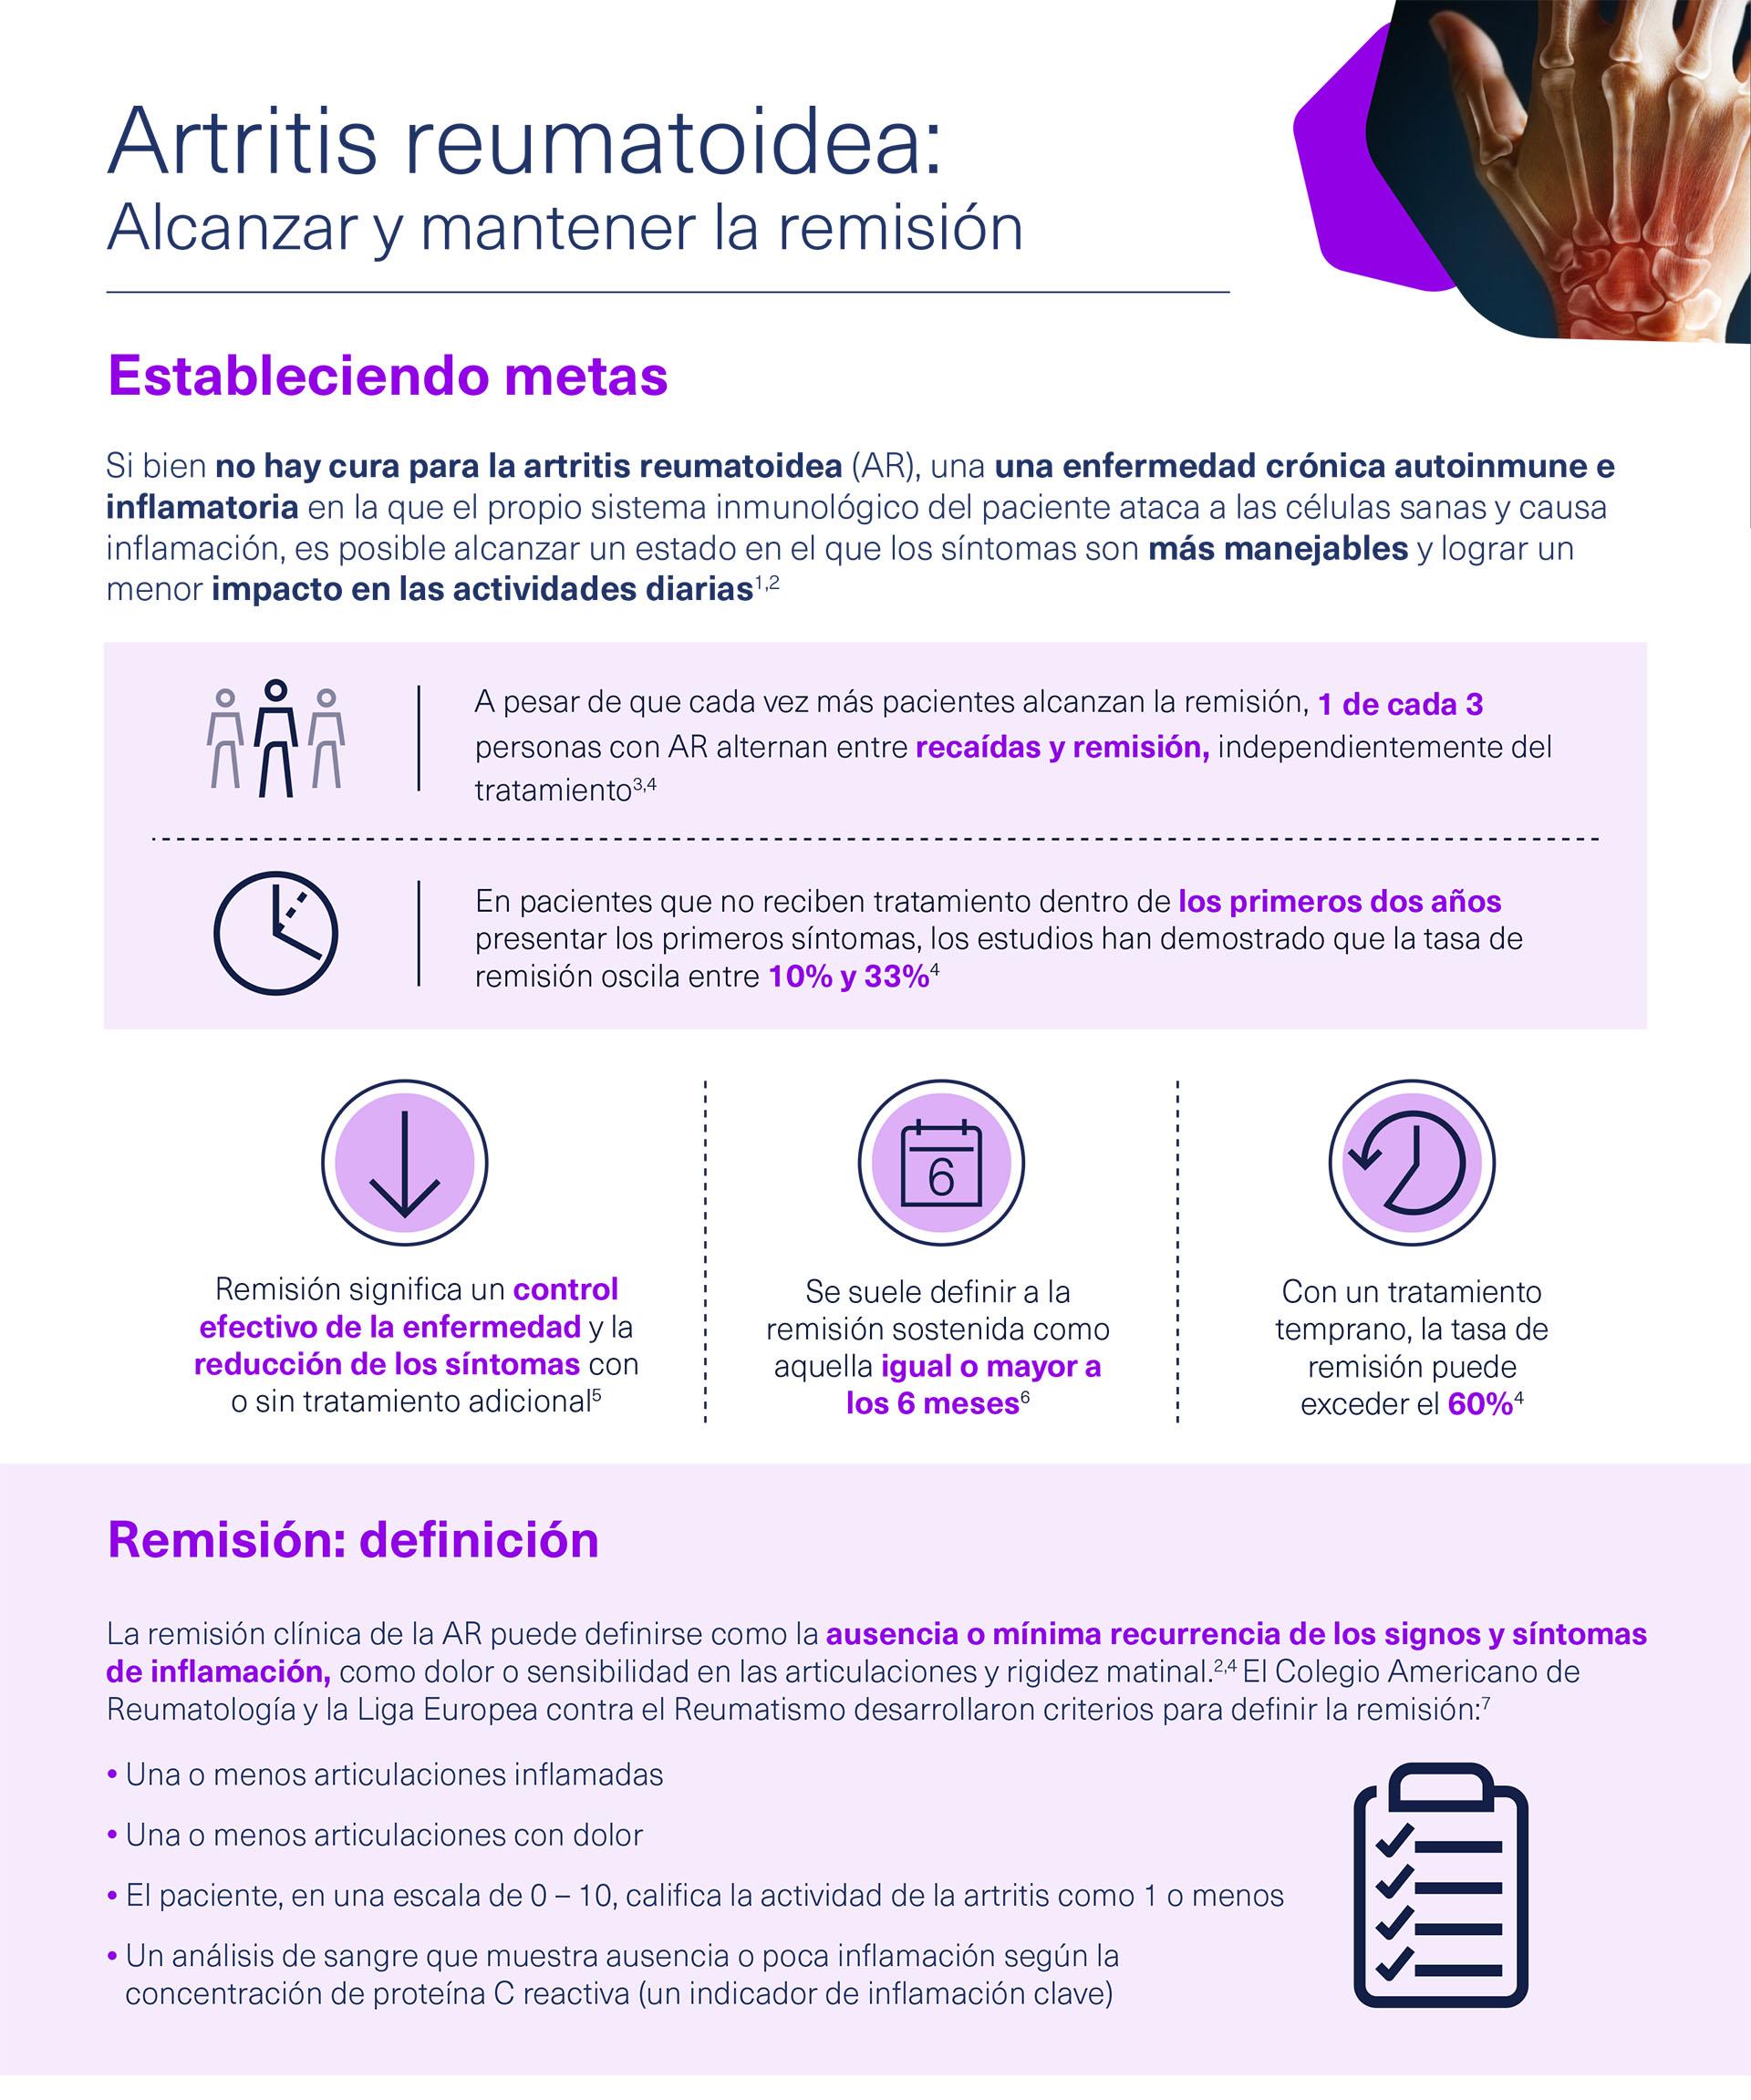 características de period artritis reumatoide